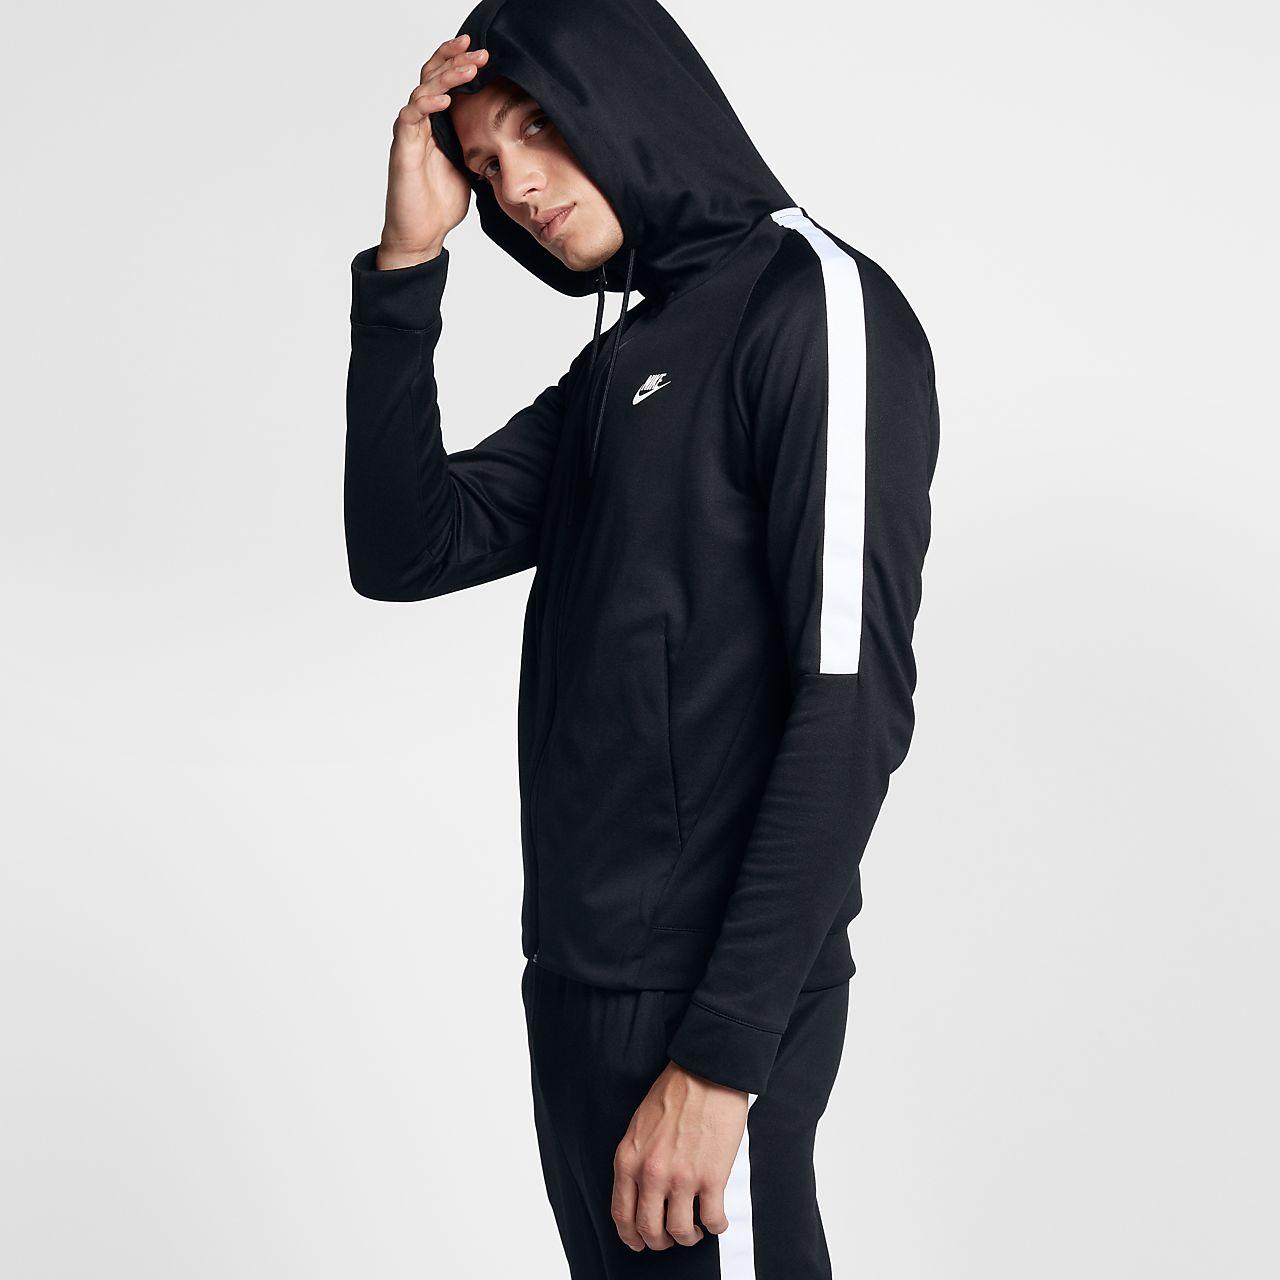 buy popular 43161 9576b ... Veste Nike Sportswear pour Homme